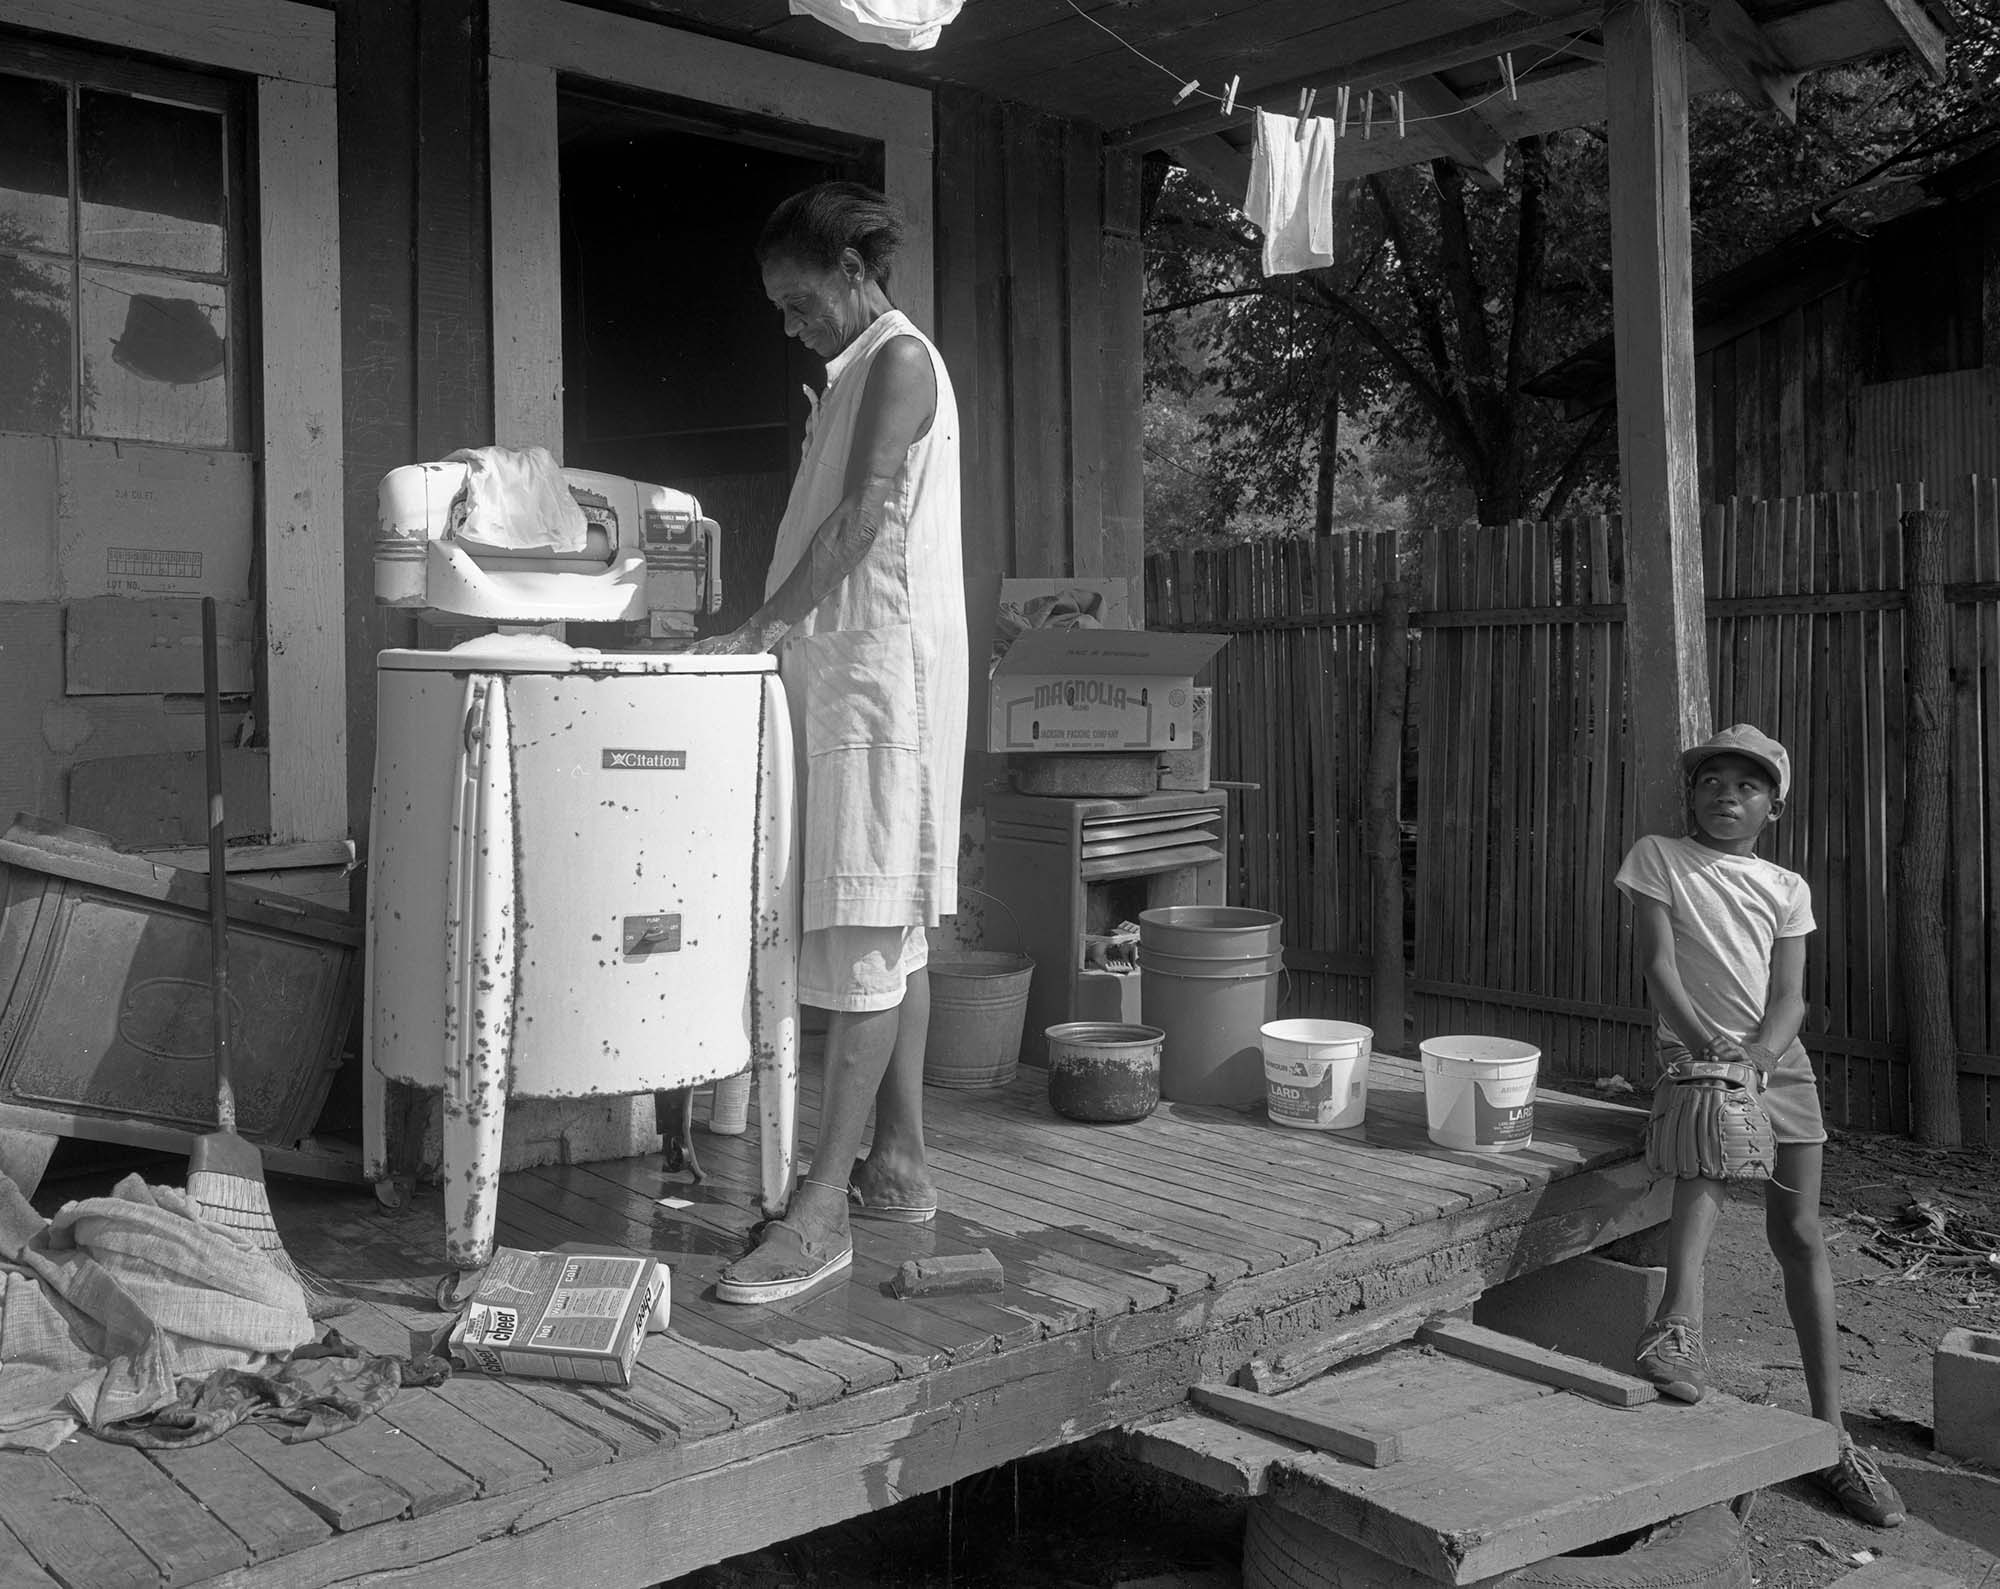 Washing_machine and baseball glove, Vicksburg, Ms.,1984.